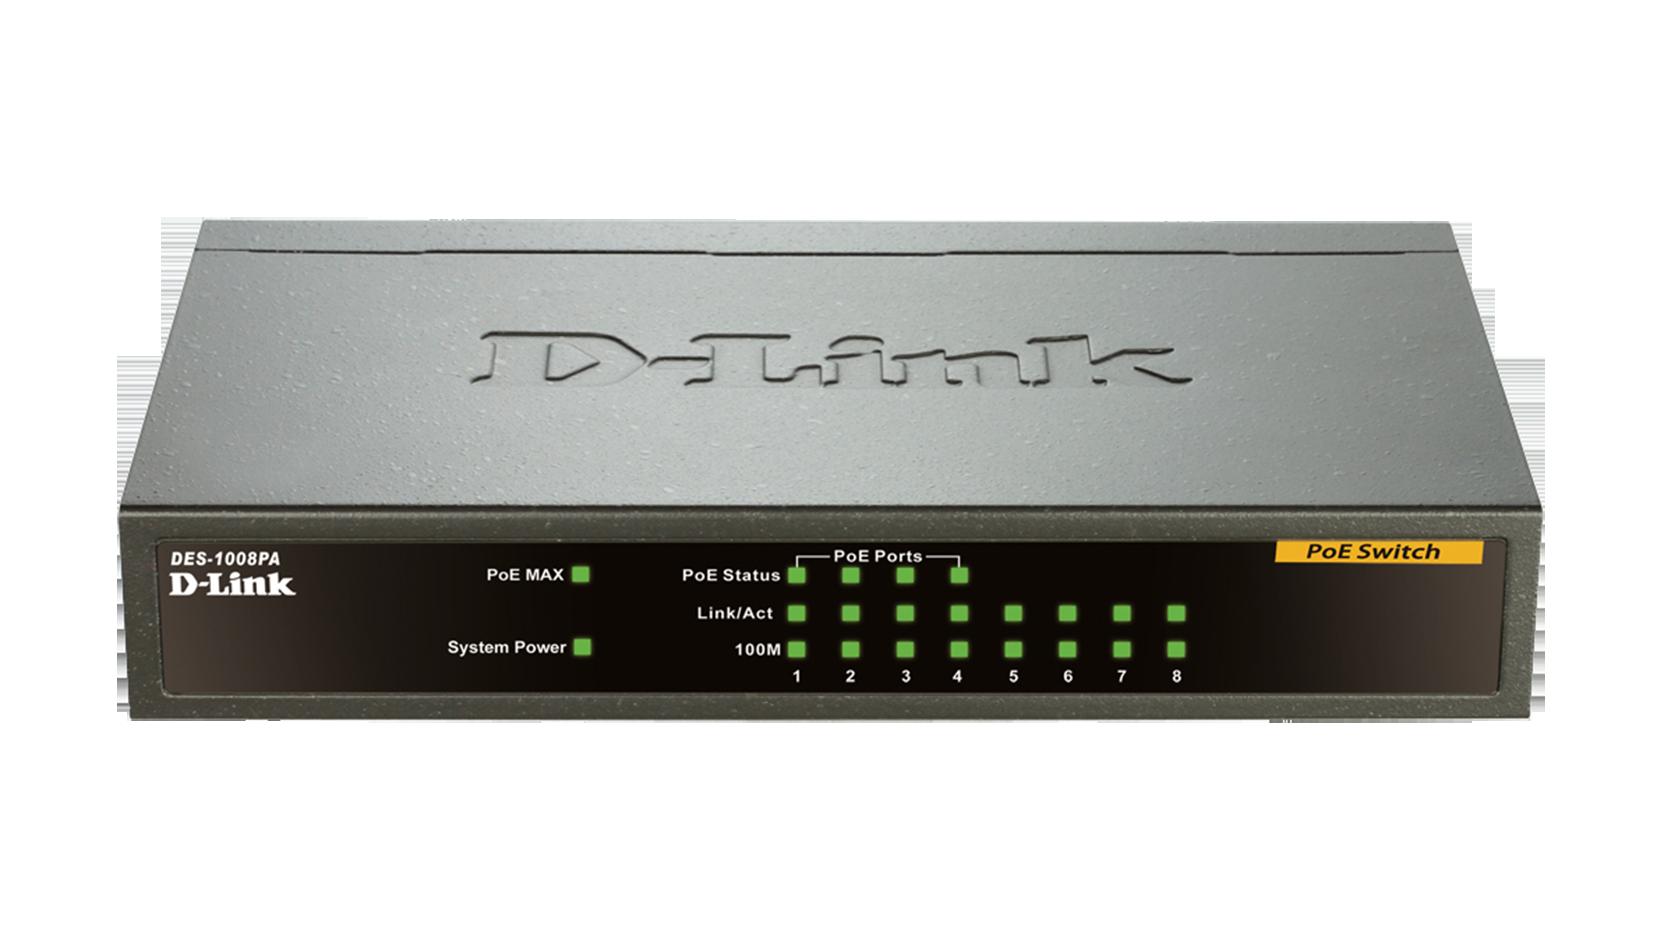 D-Link DES-1008PA 8-Port 10//100 Mbps 4 PoE Unmanaged Desktop Metal Case Switch